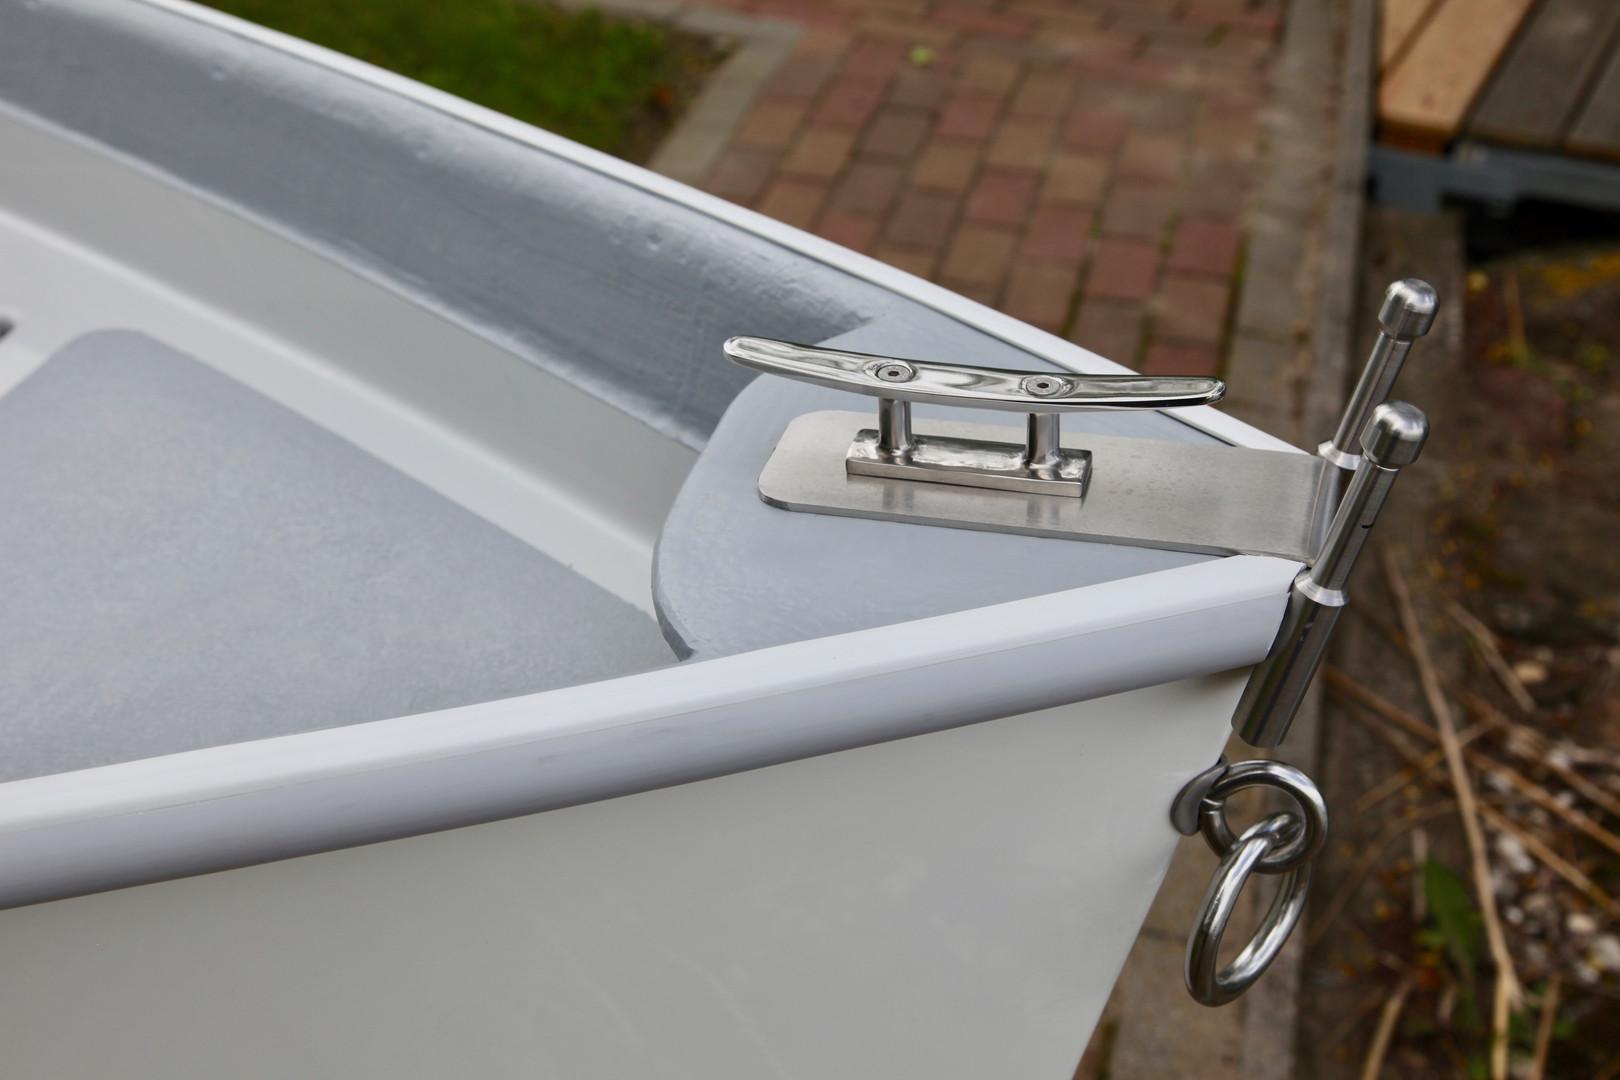 A biztonságos horgonyzást, kikötést segíti az orrban lévő bika a kötélvezetővel.